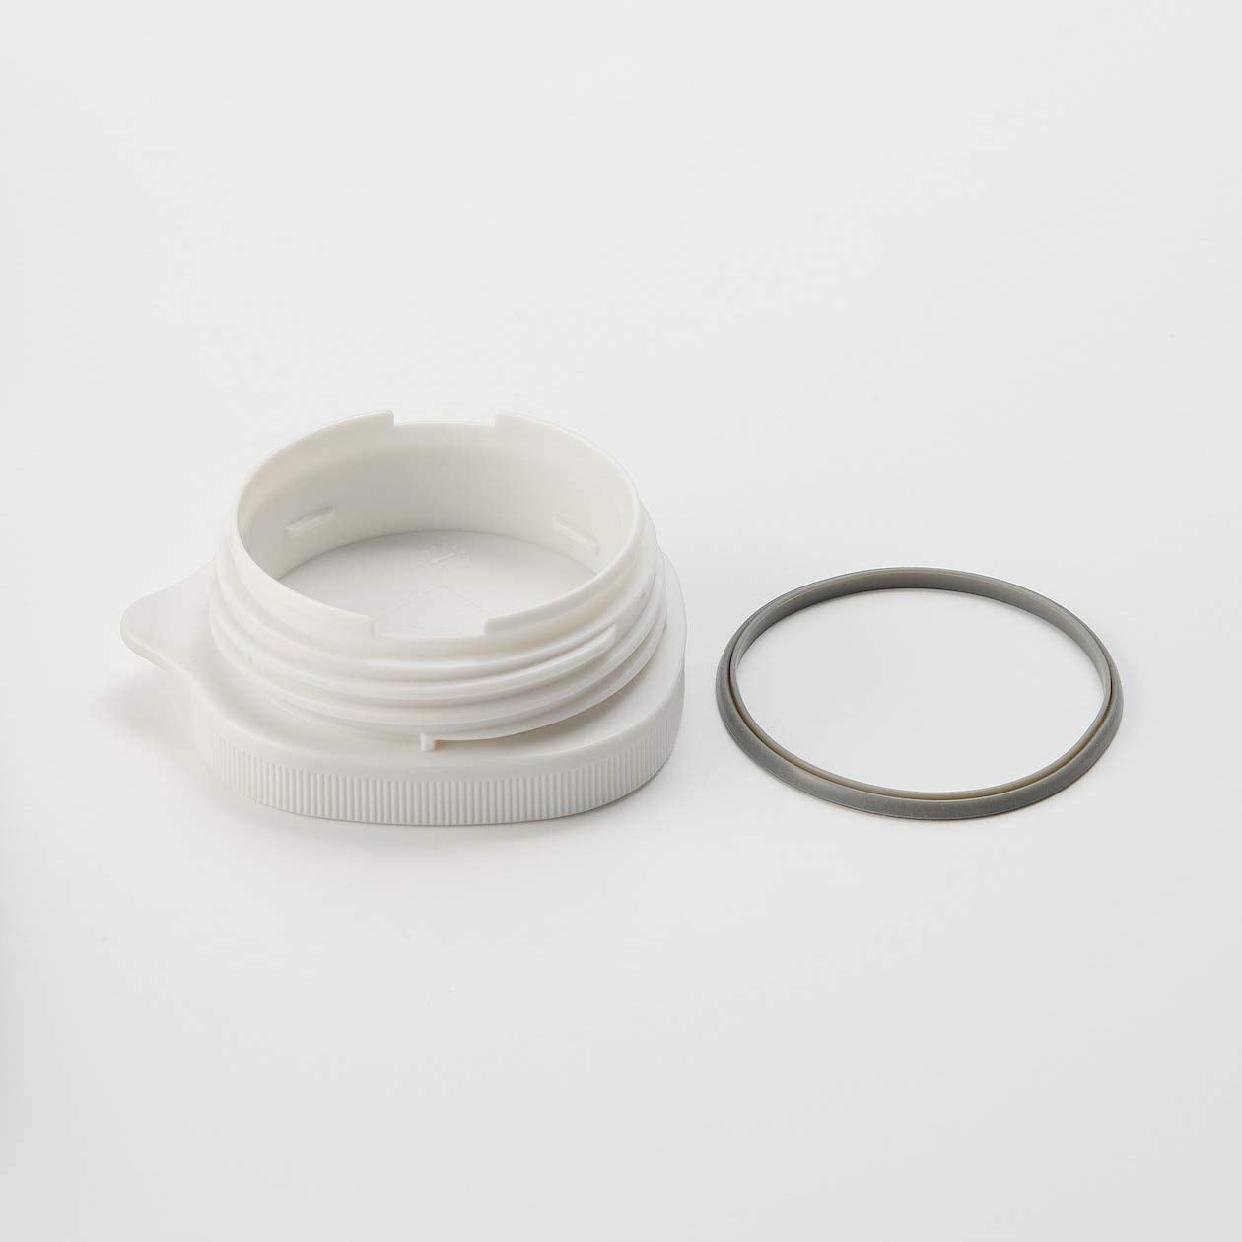 無印良品(MUJI) アクリル冷水筒 ドアポケットタイプ/冷水専用約1Lの商品画像8